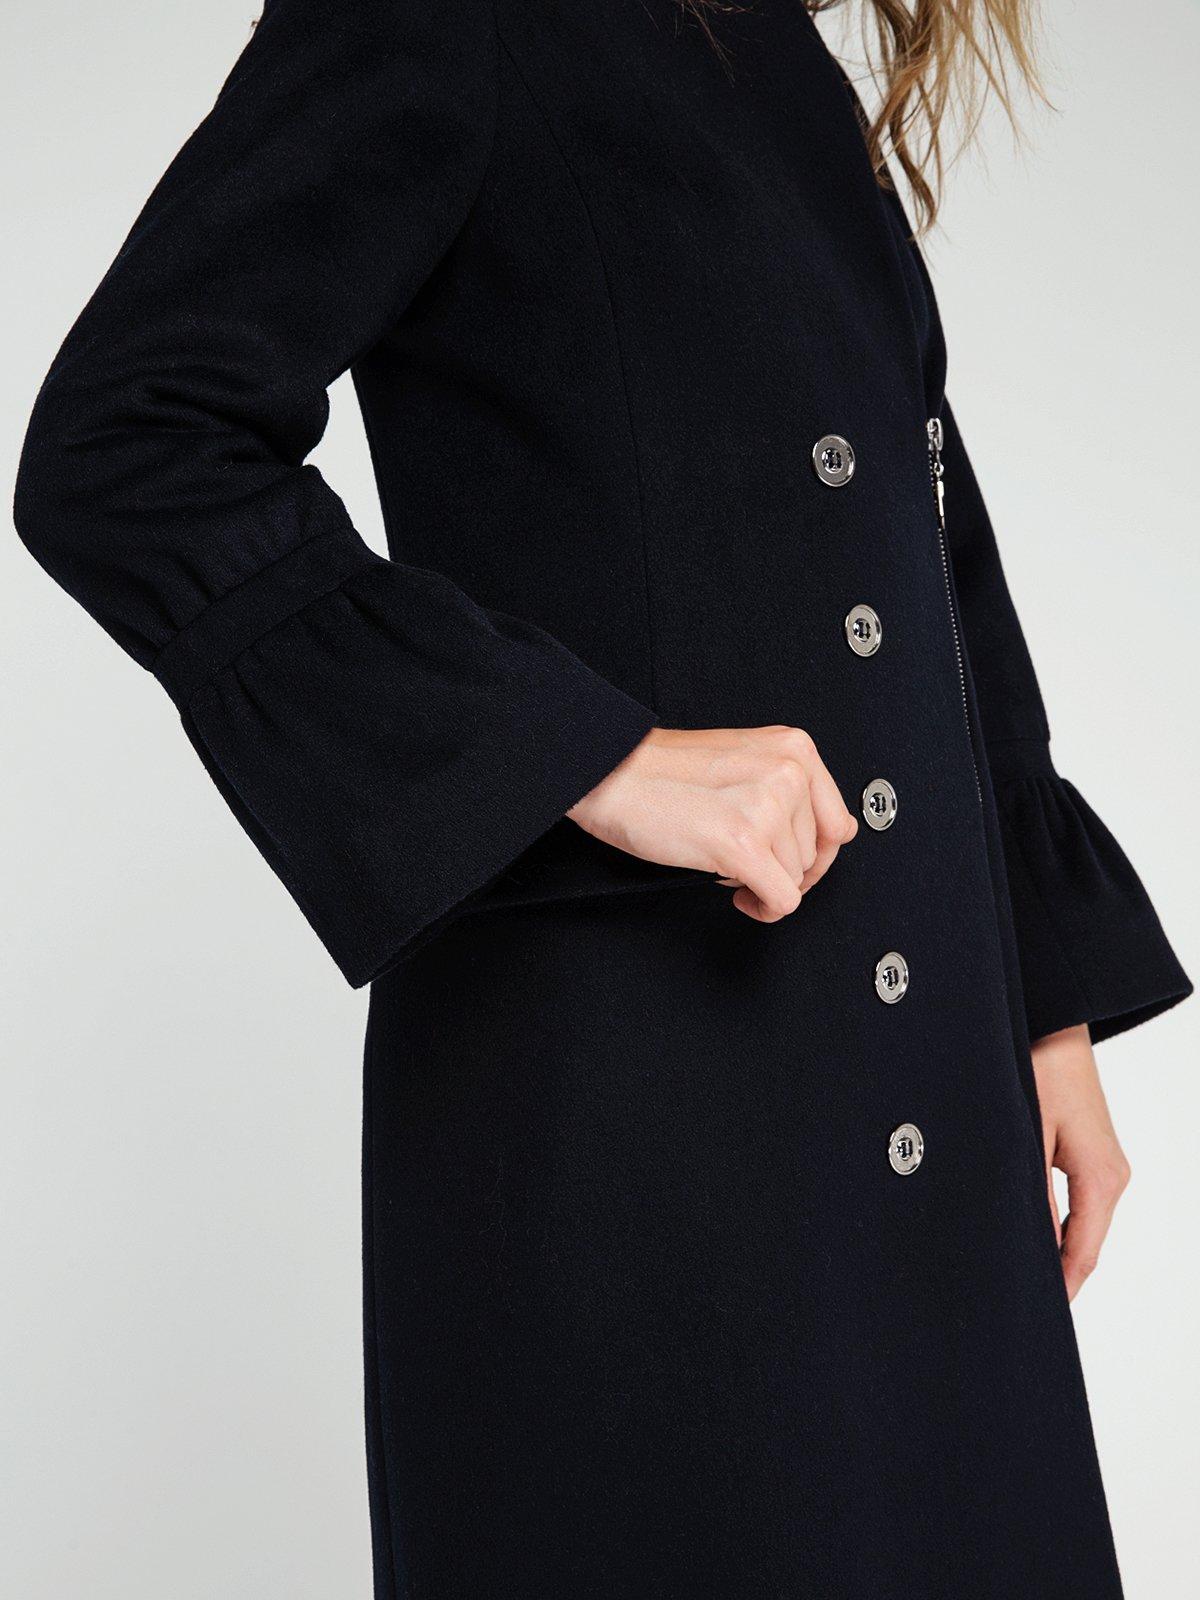 Пальто темно-синее   3606561   фото 3